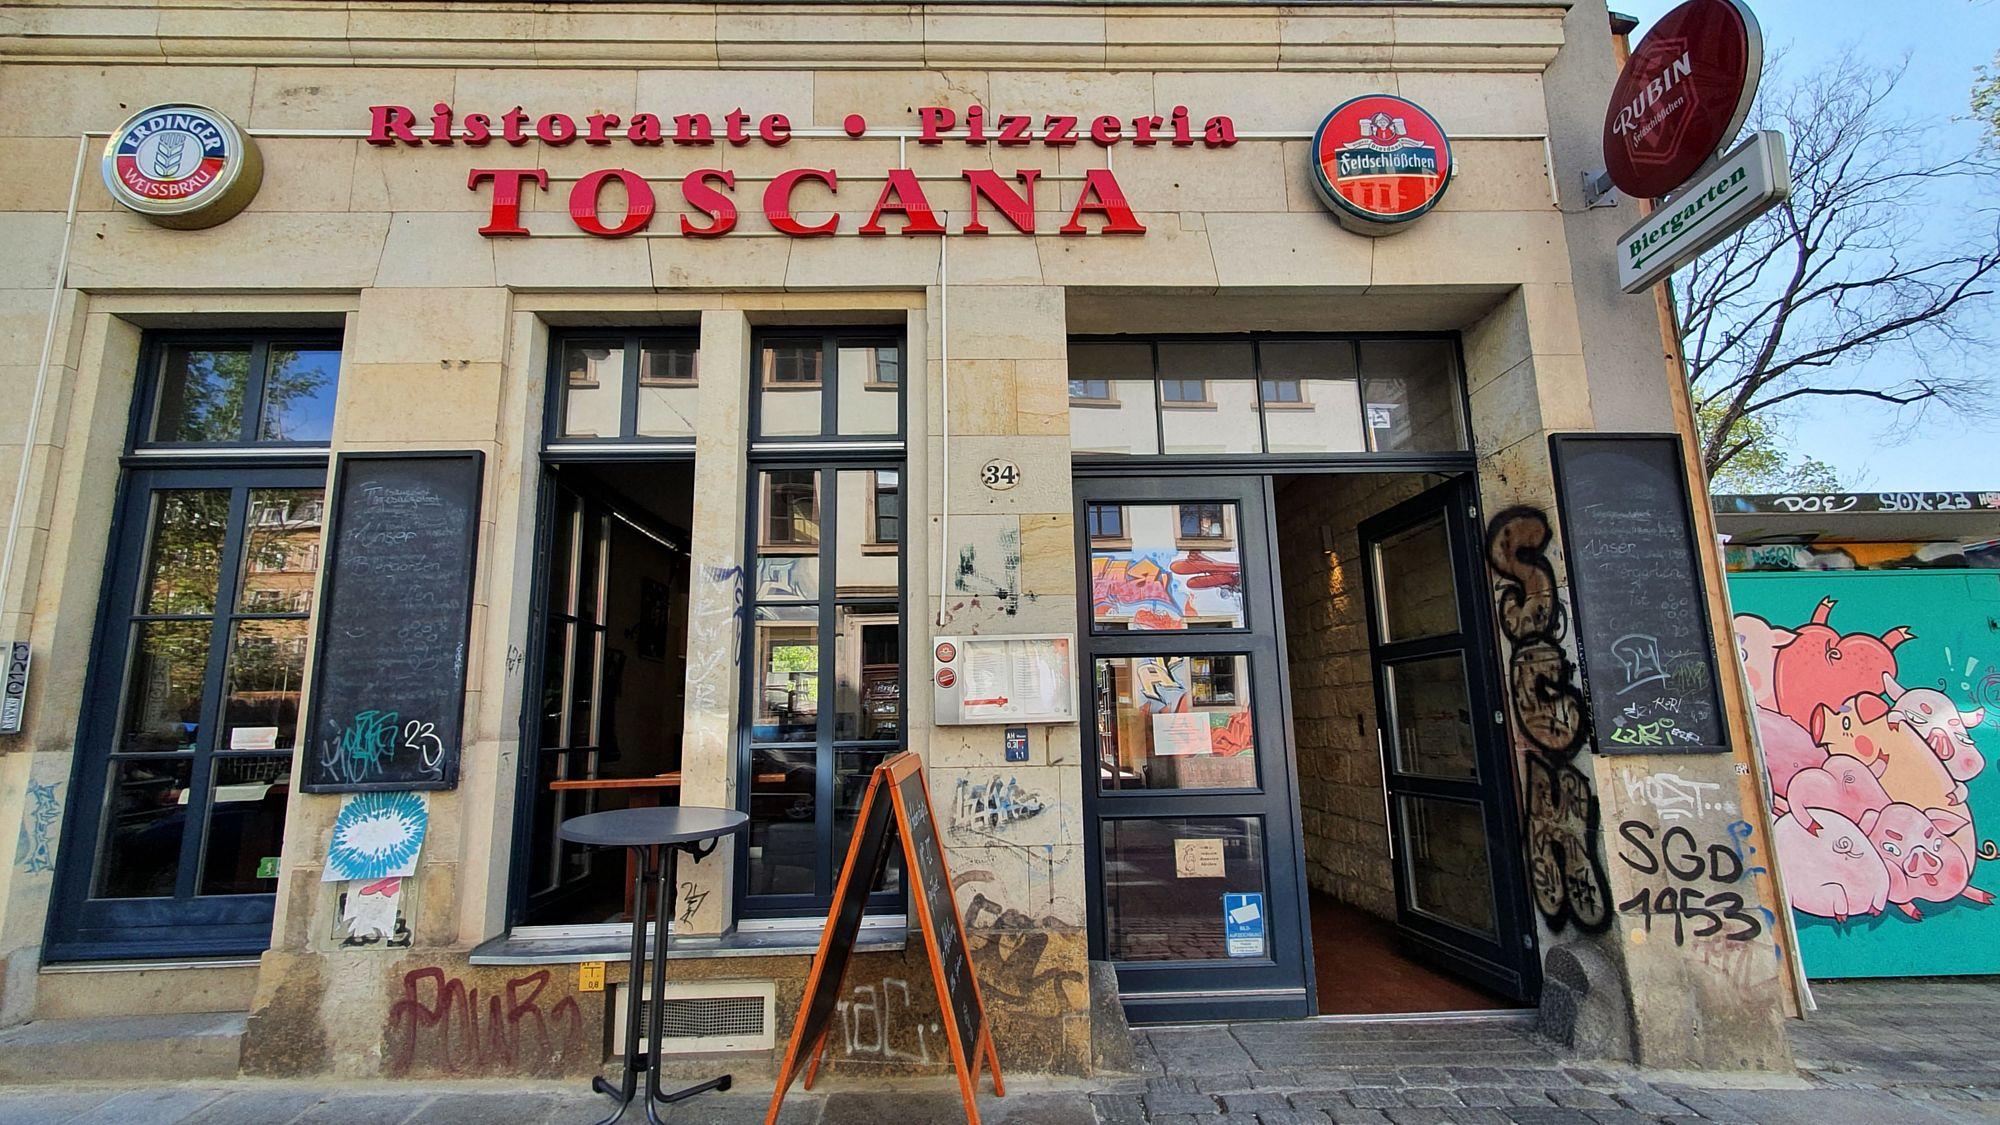 Lieferdienst und Abholservice im Toscana